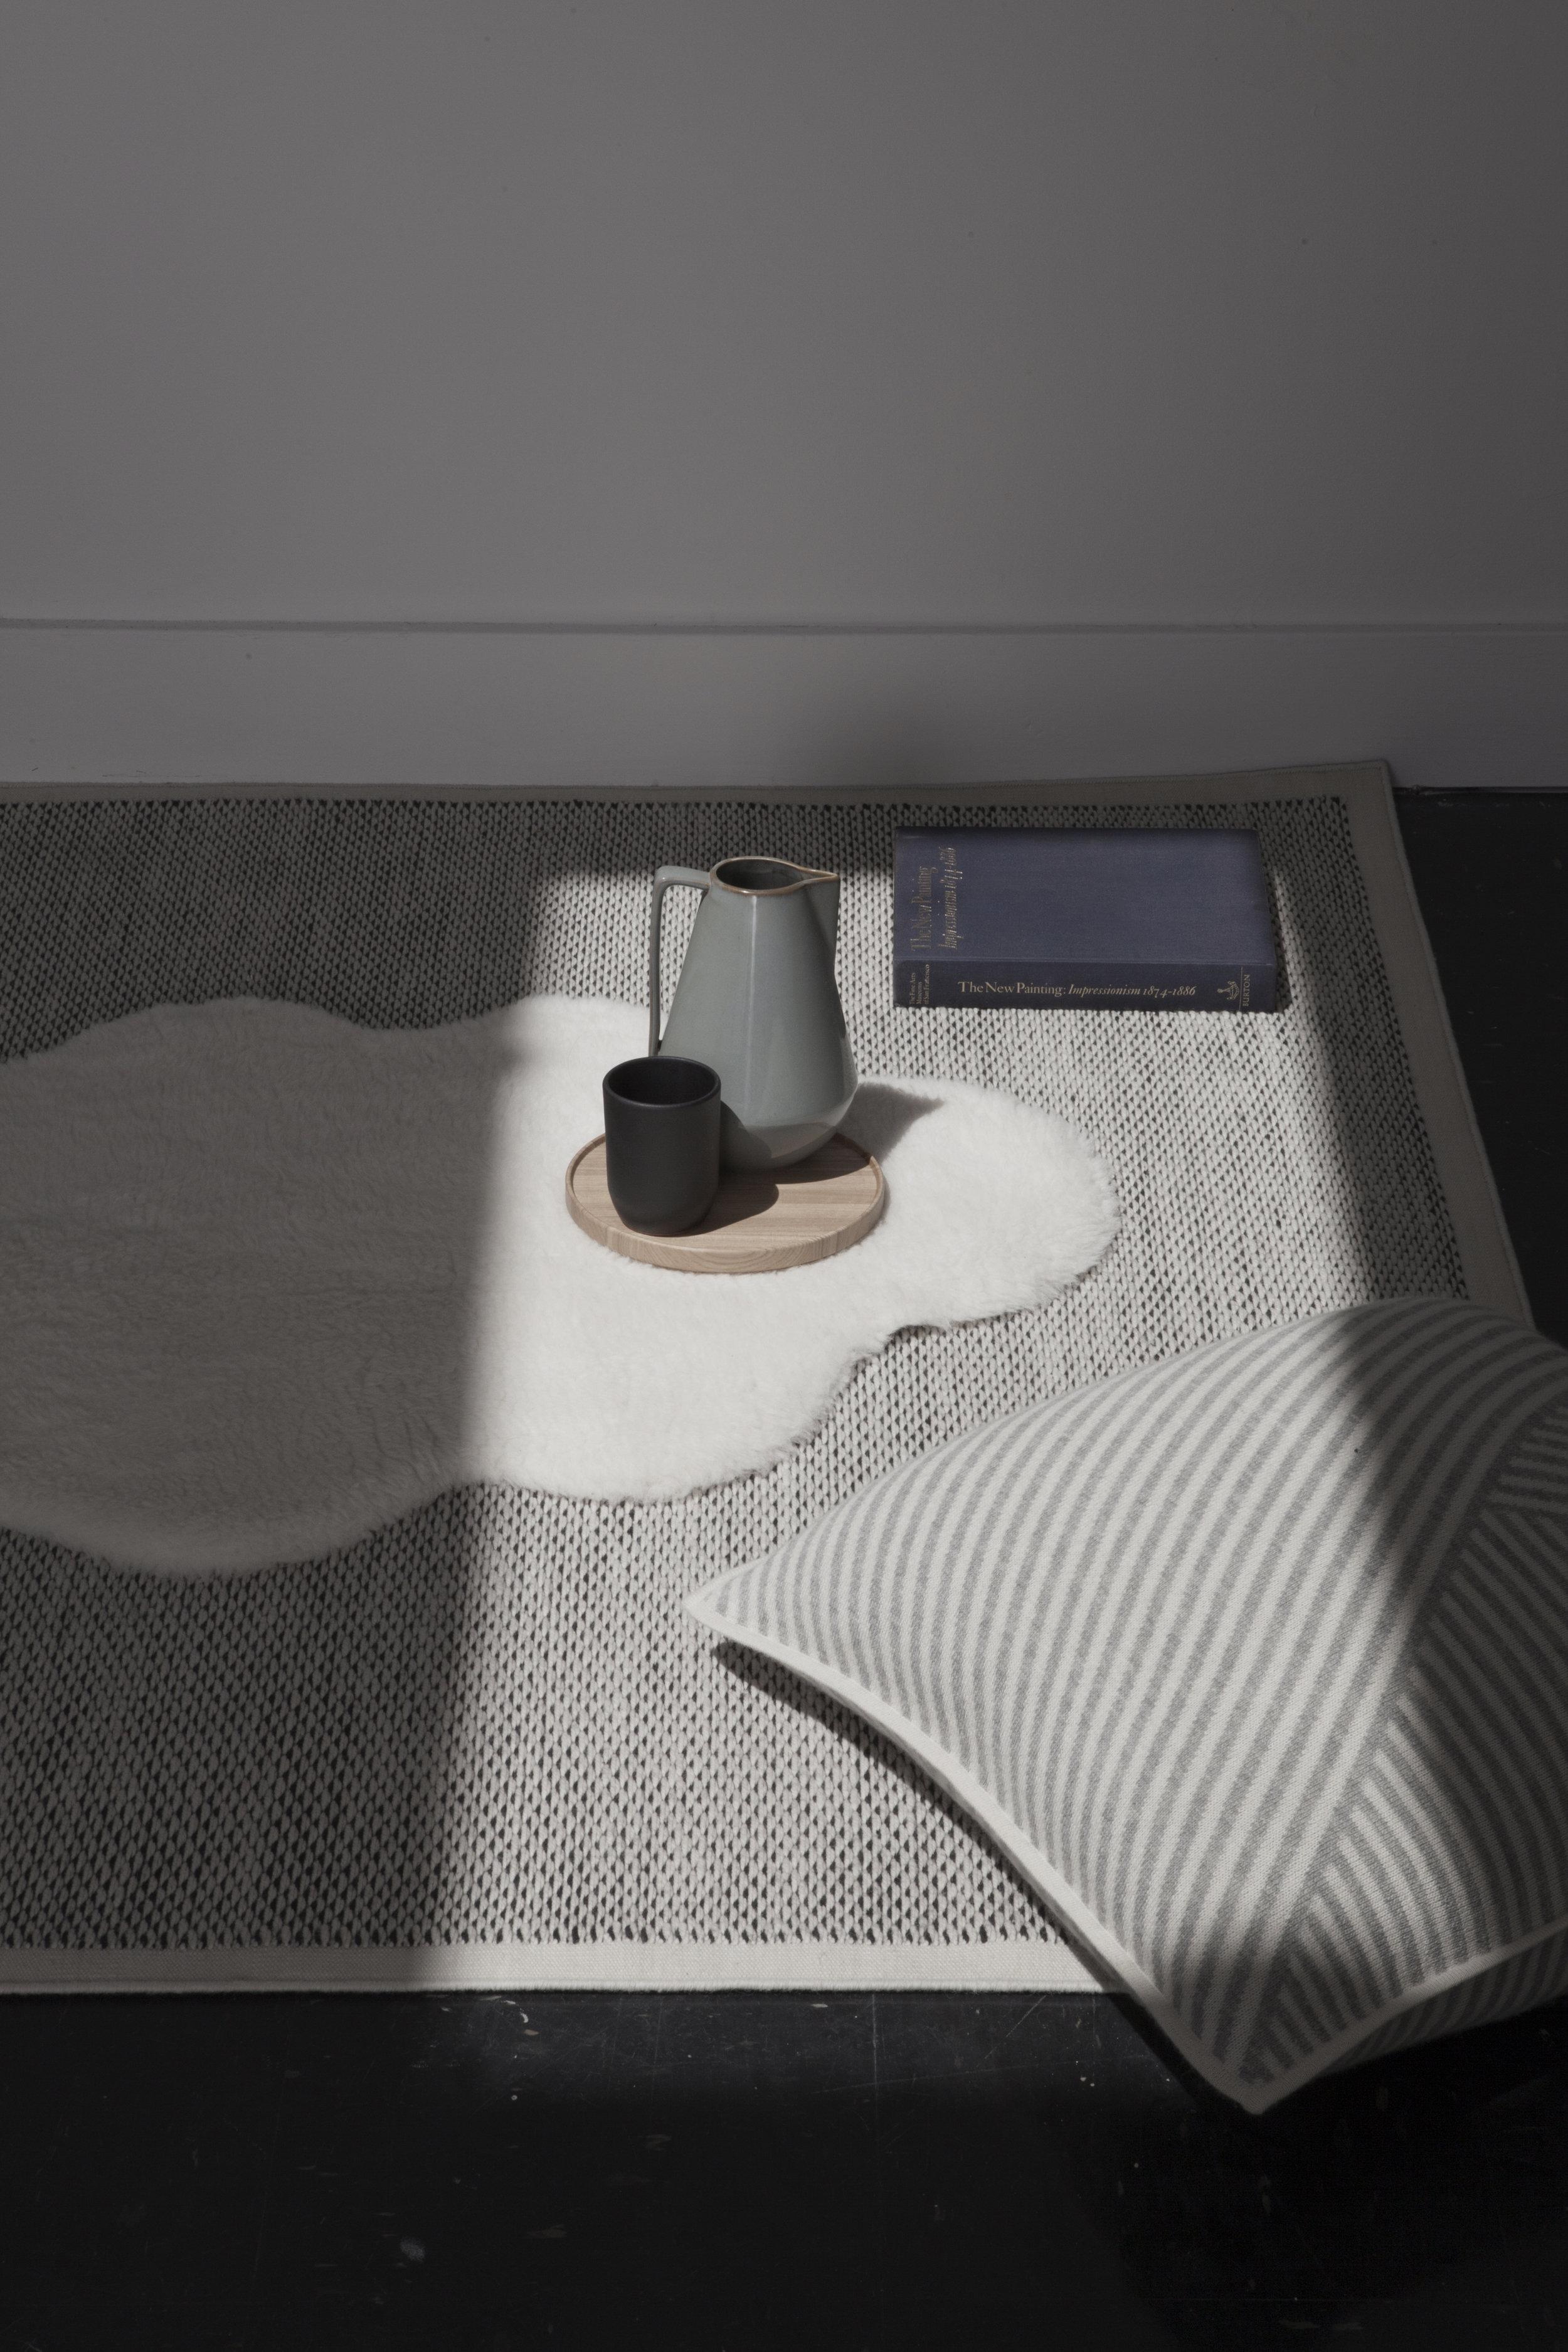 Lynxx Area Rug in a home environment.